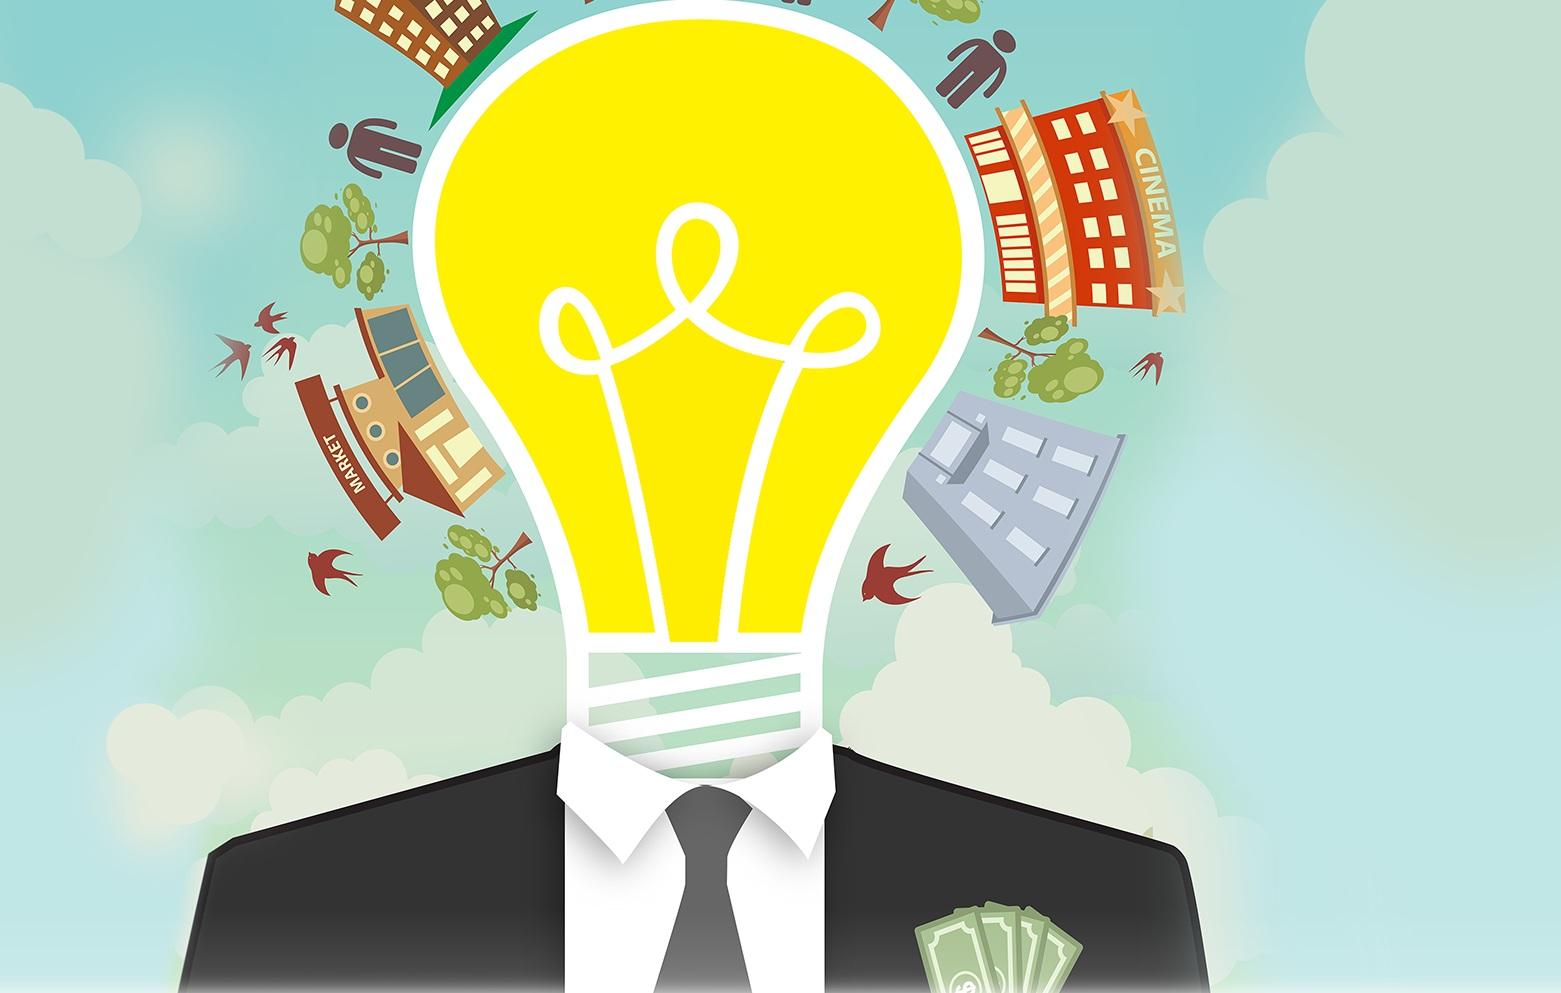 Ý tưởng và xu hướng kinh doanh của giới trẻ hiện nay - BYTUONG